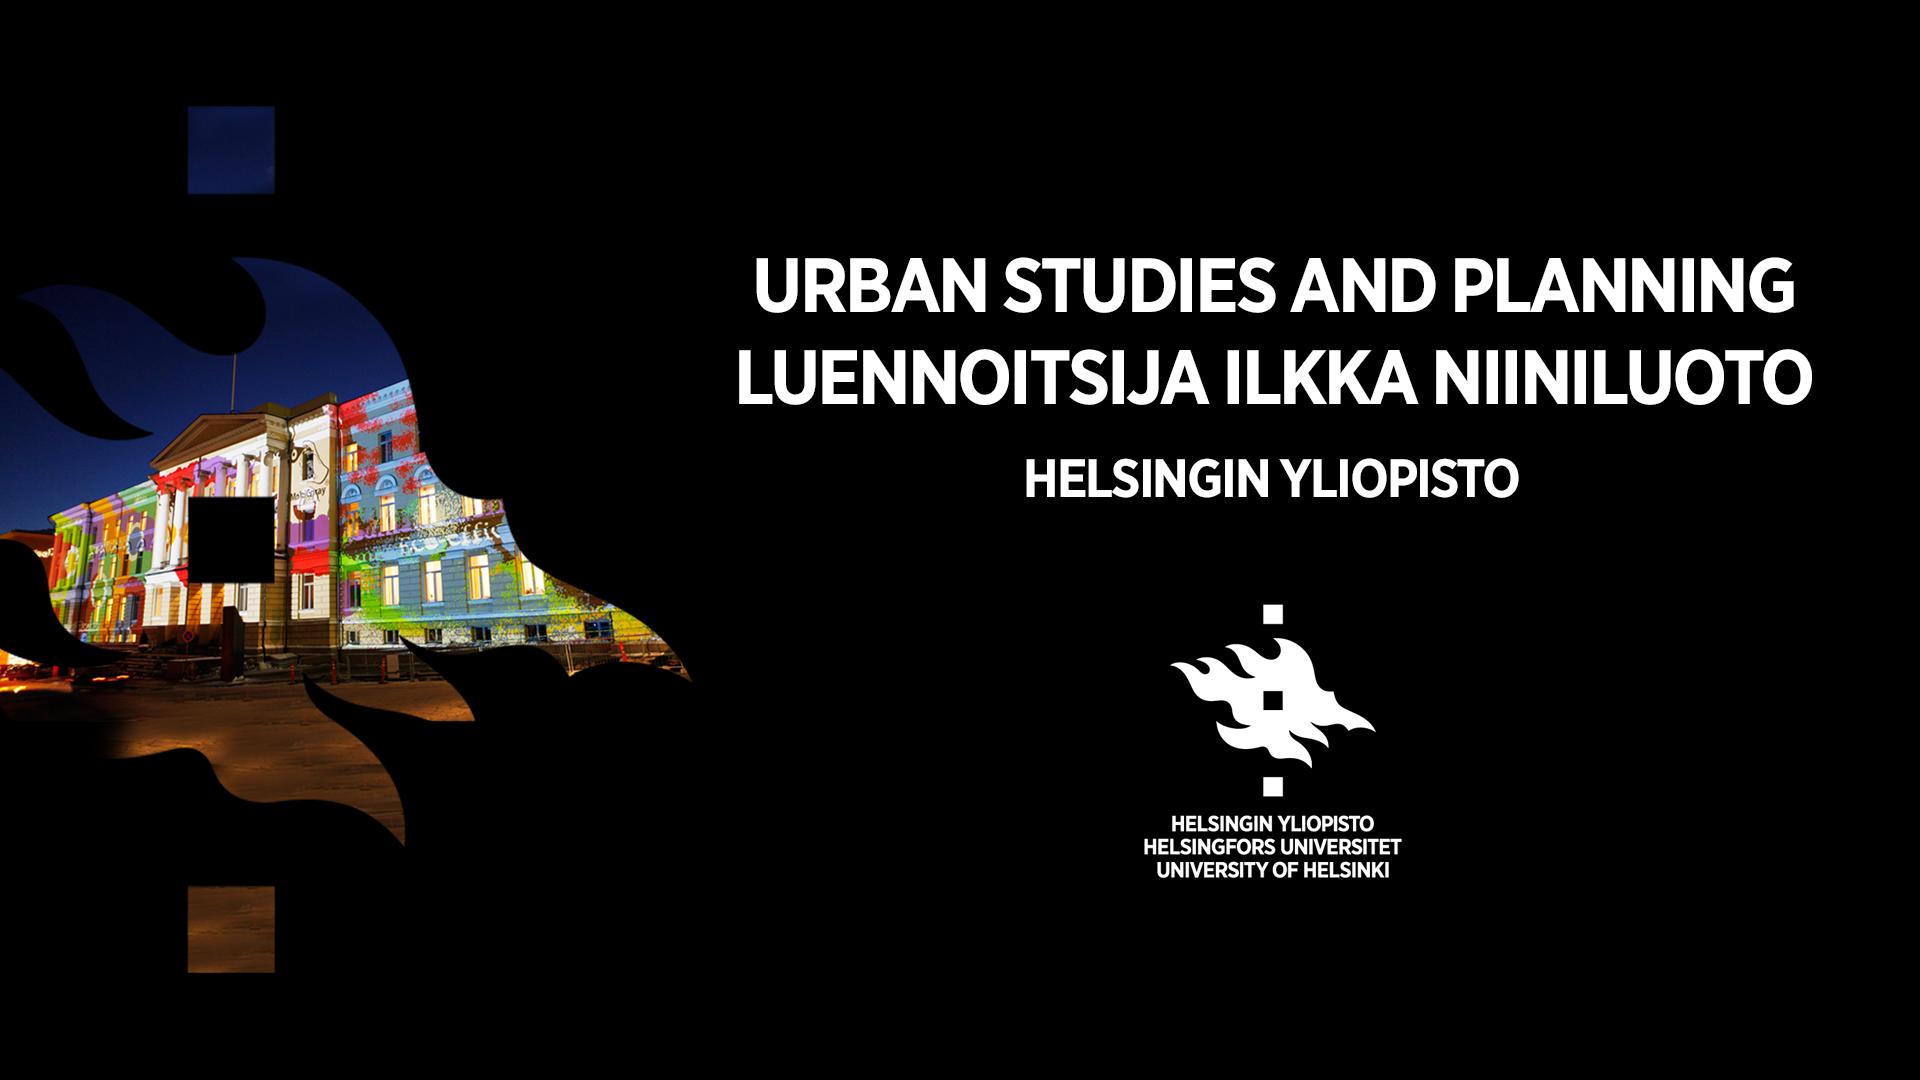 Urban Studies and planning, luennoitsija Ilkka Niiniluoto